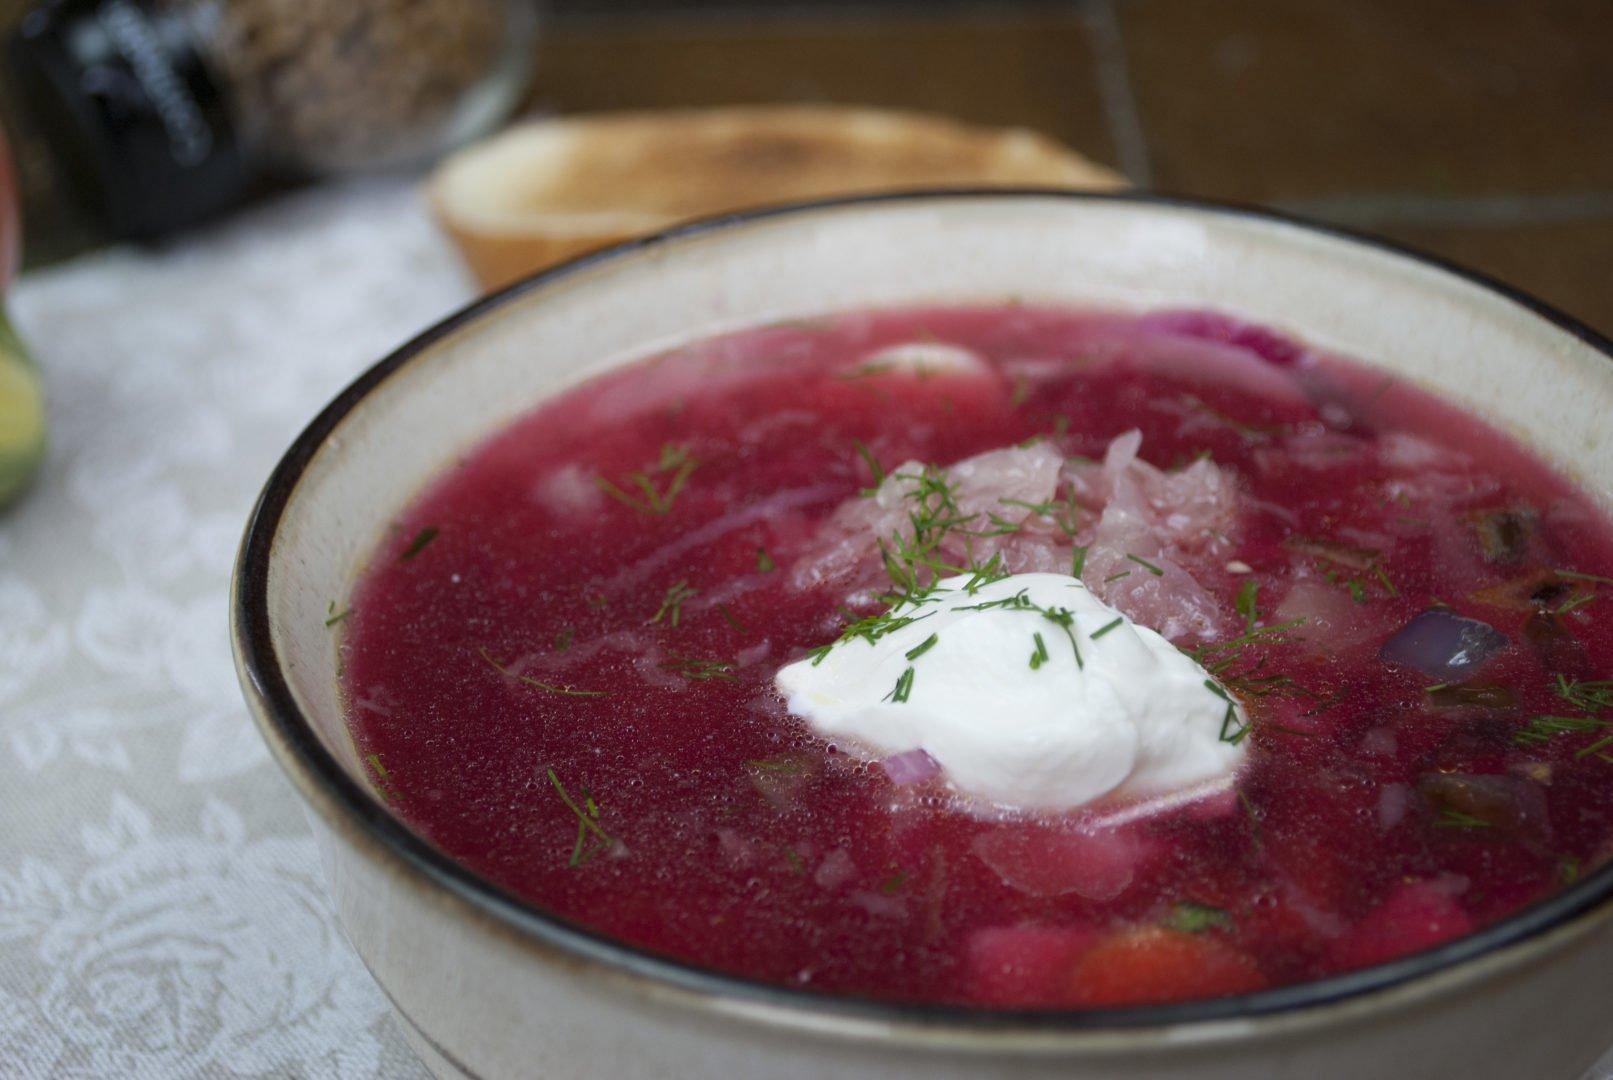 Soup - Green Borscht - Metropolitan Borscht With Greens